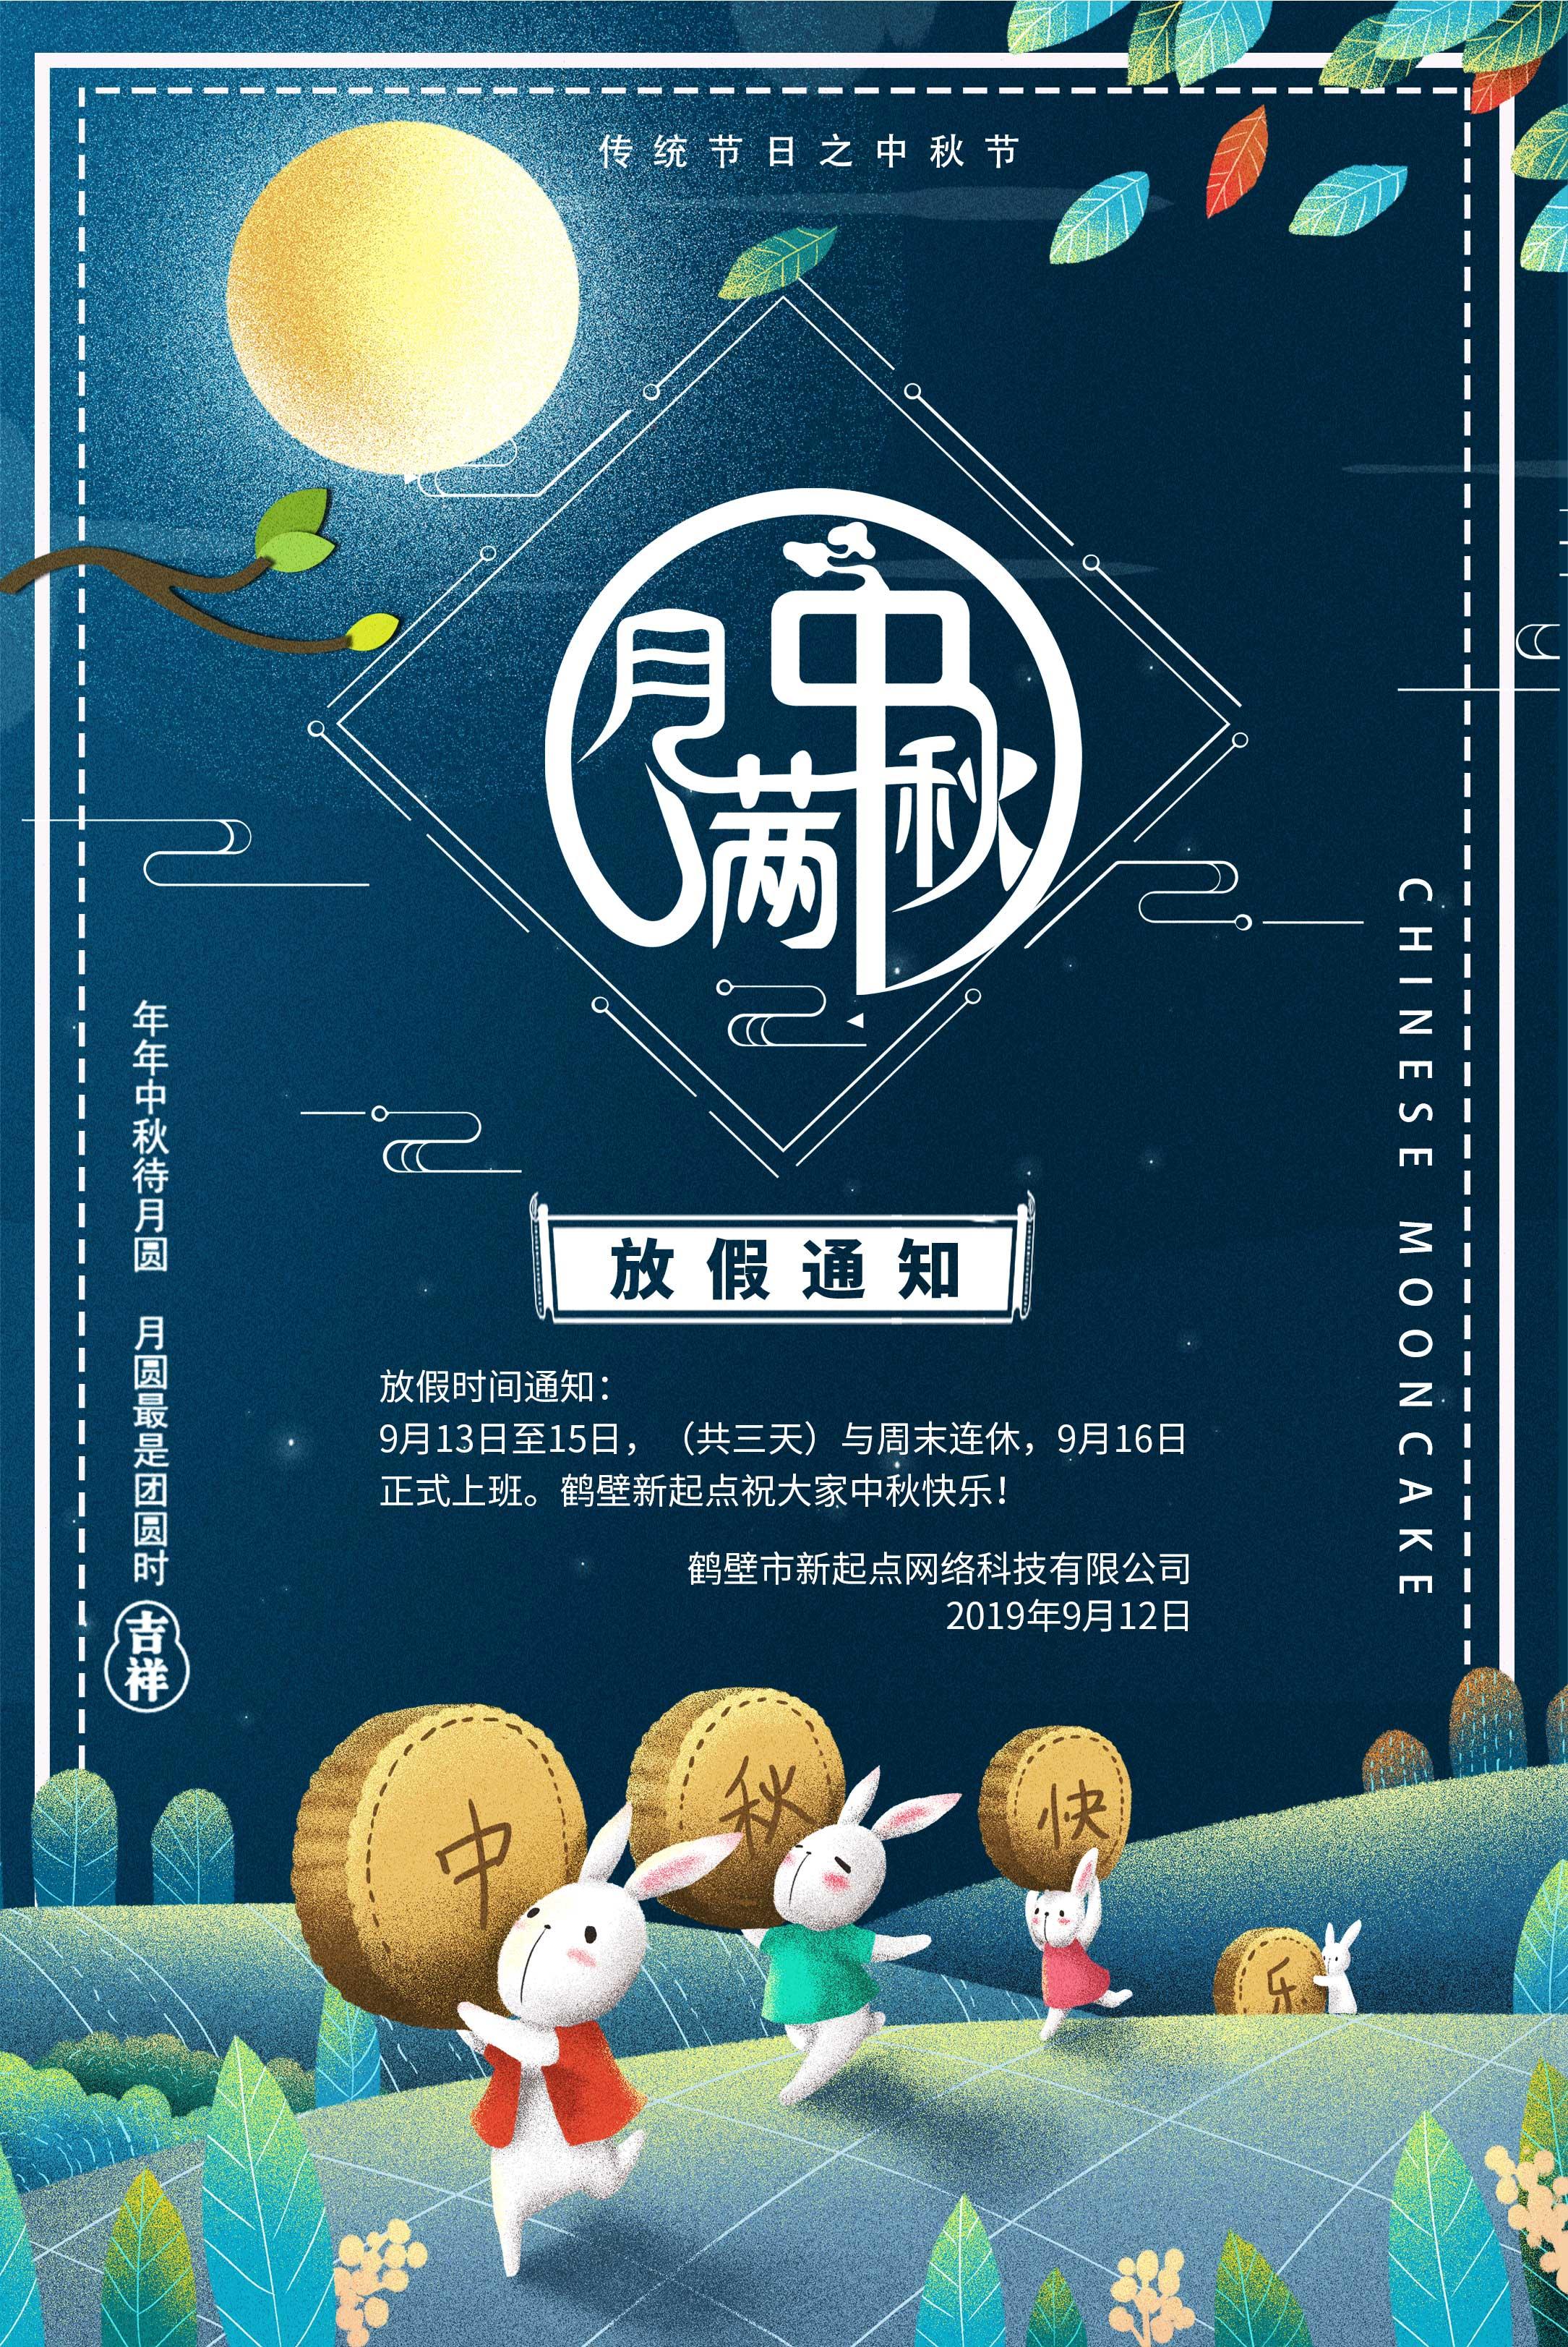 鹤壁新起点祝大家中秋节快乐!